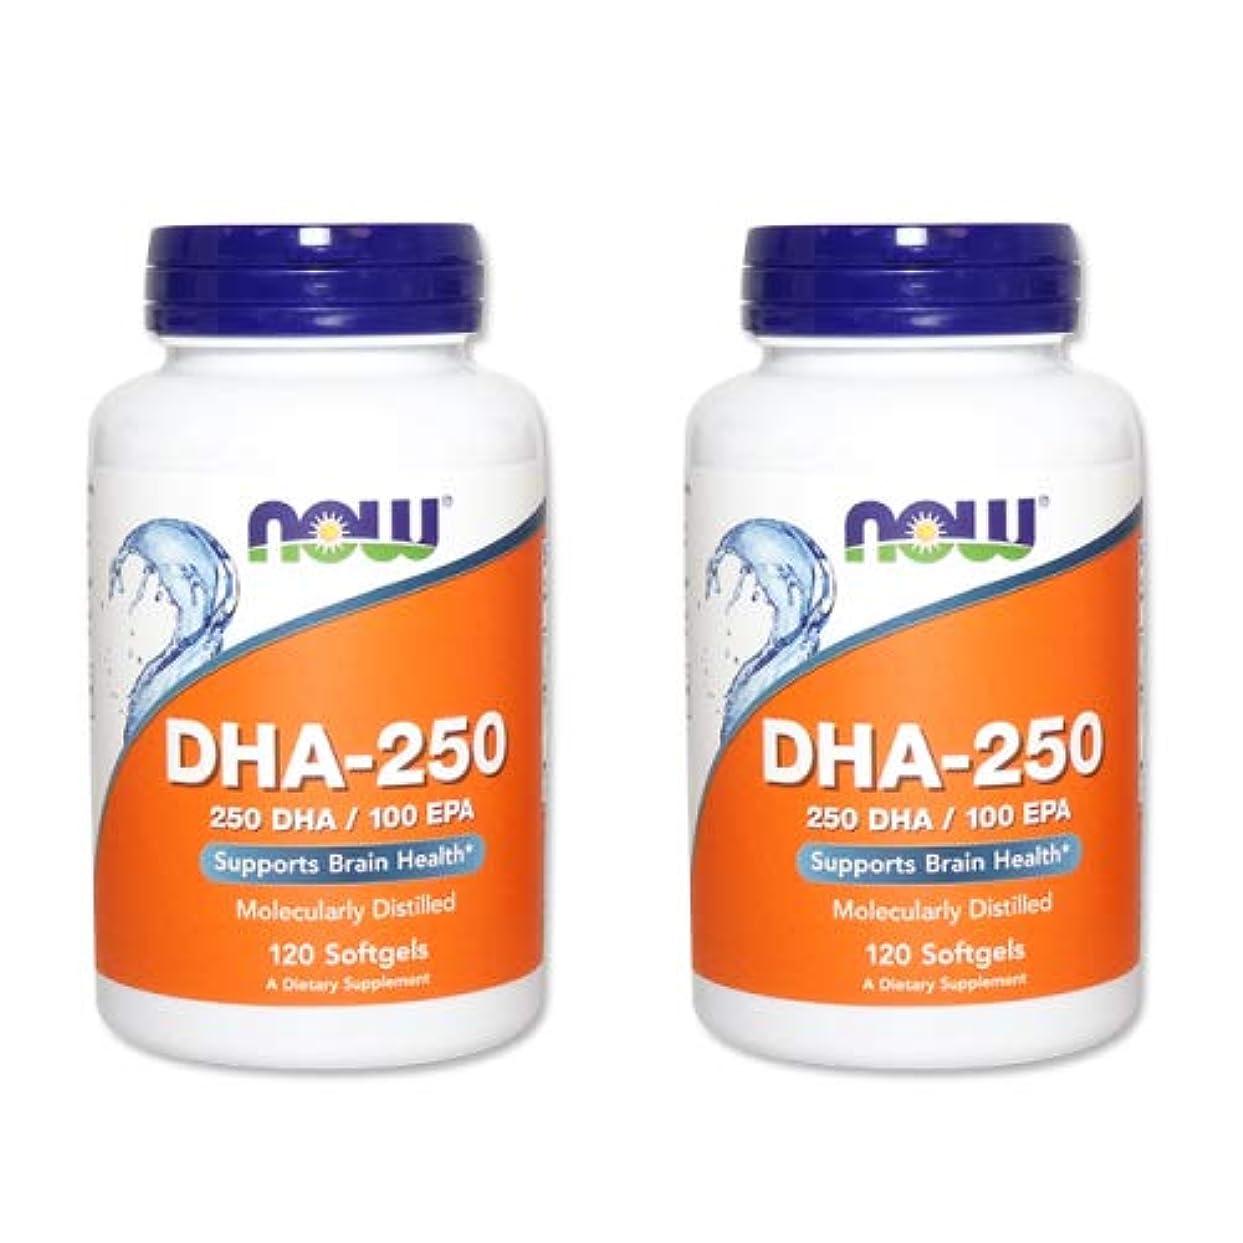 差別マリナー廃止【2個セット】【粒小さめ低含有タイプ】DHA-250 120粒(DHA&EPA配合) [海外直送品]